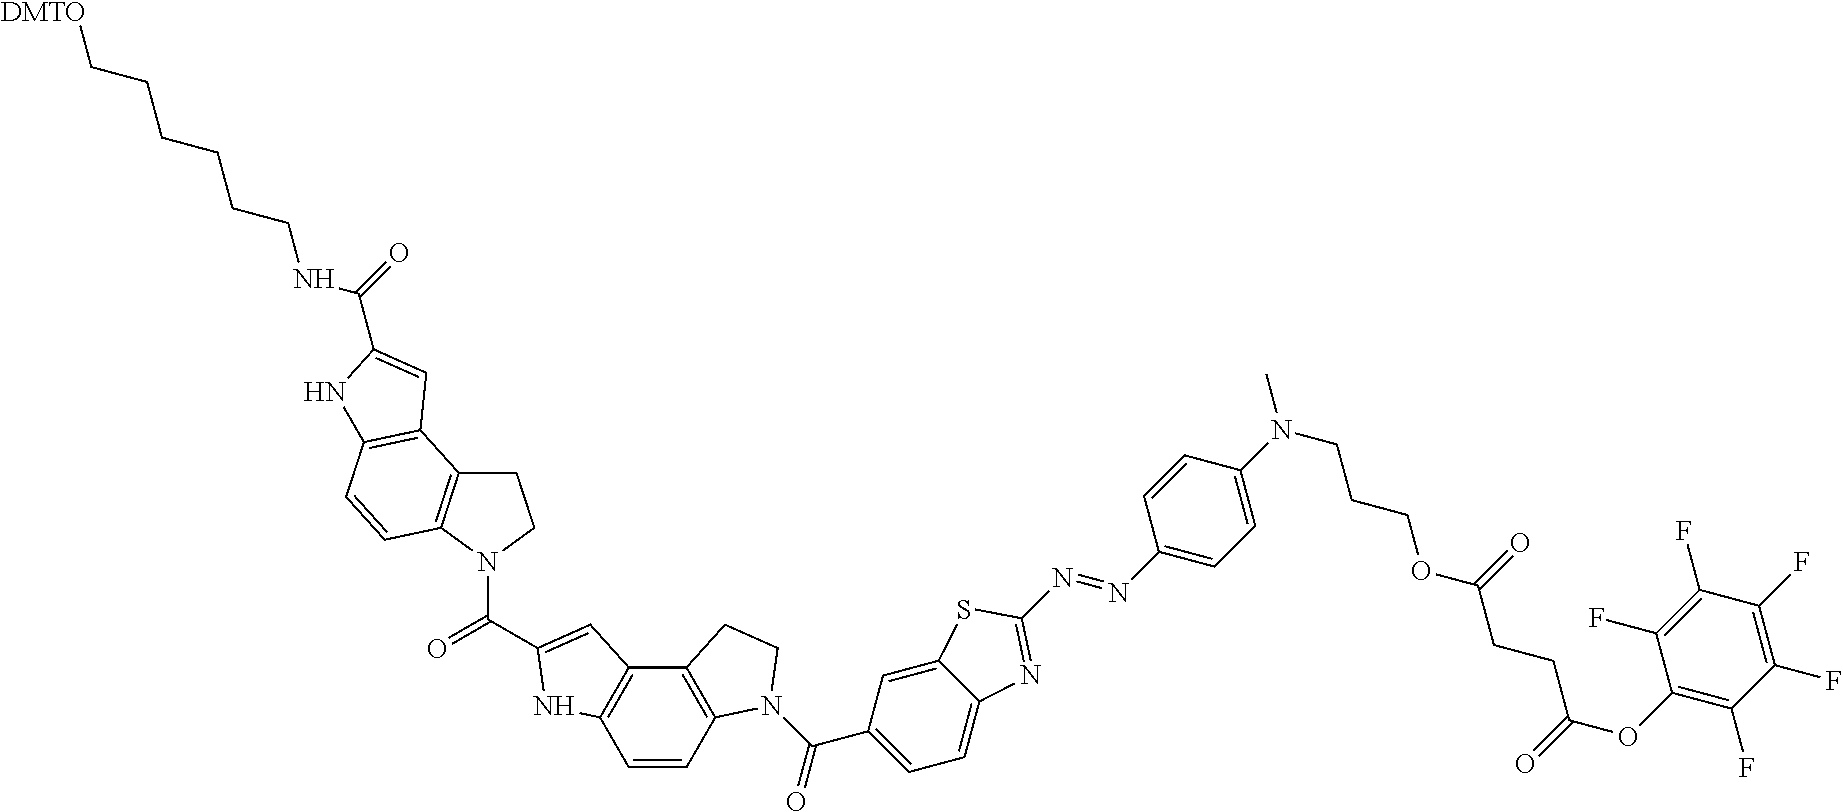 Figure US20190064067A1-20190228-C00108